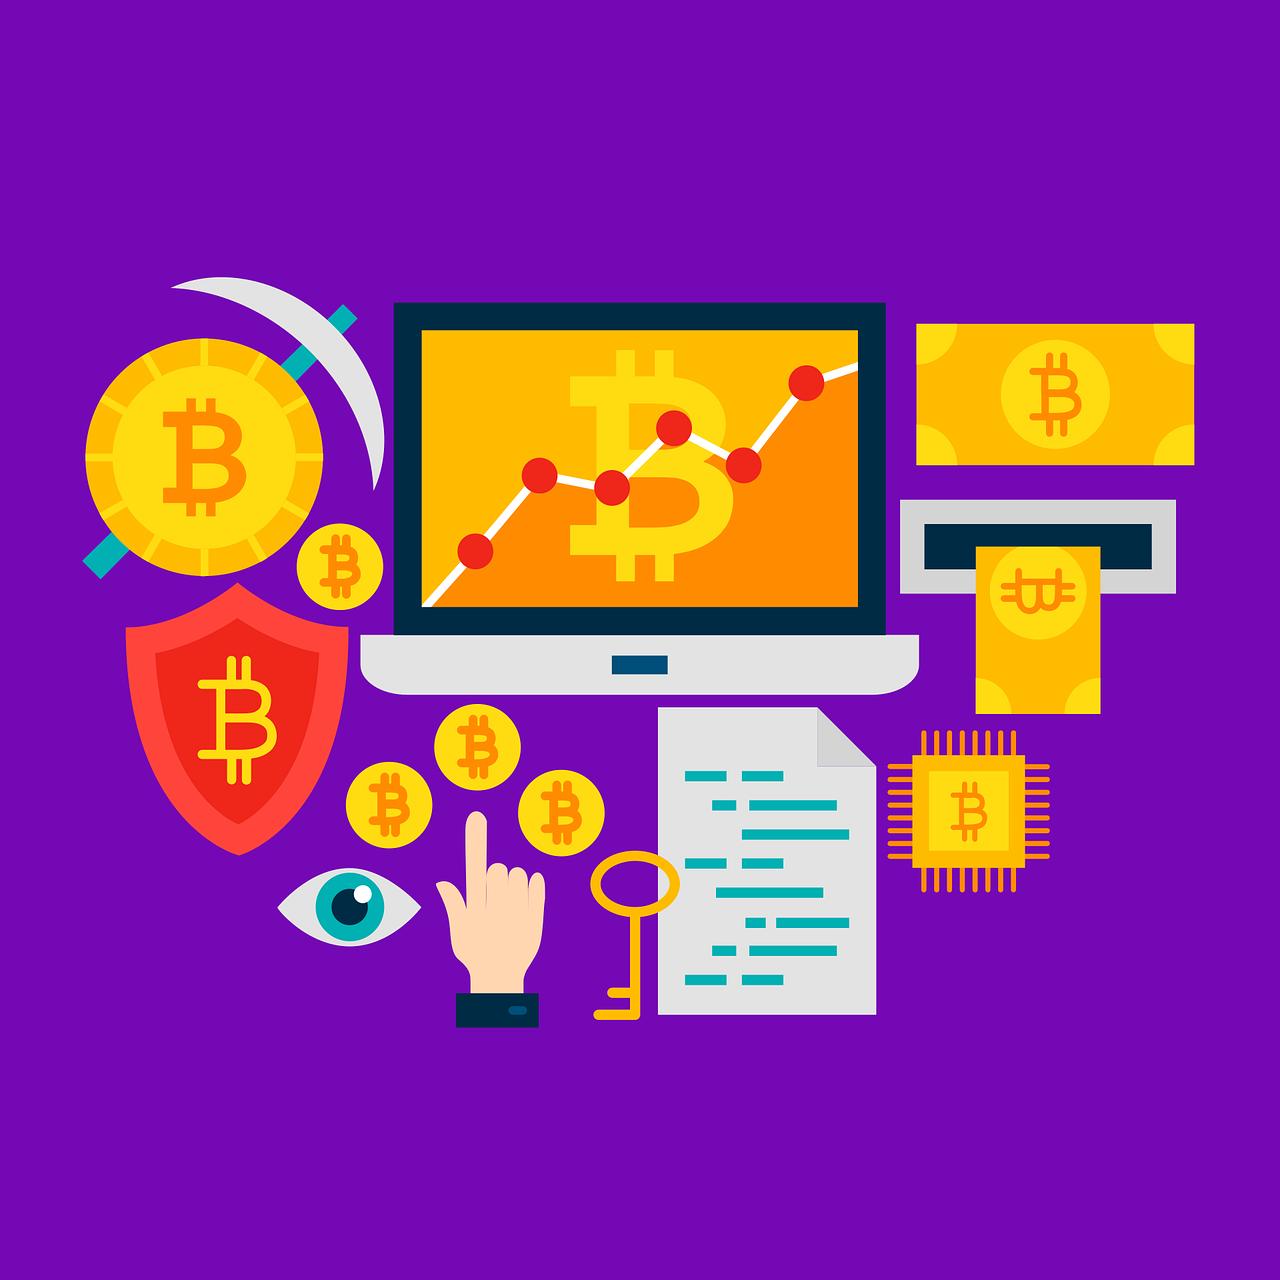 Būdas gauti bitcoin greitai, kaip gauti bitcoin? Bitcoin maišytuvo scenarijus